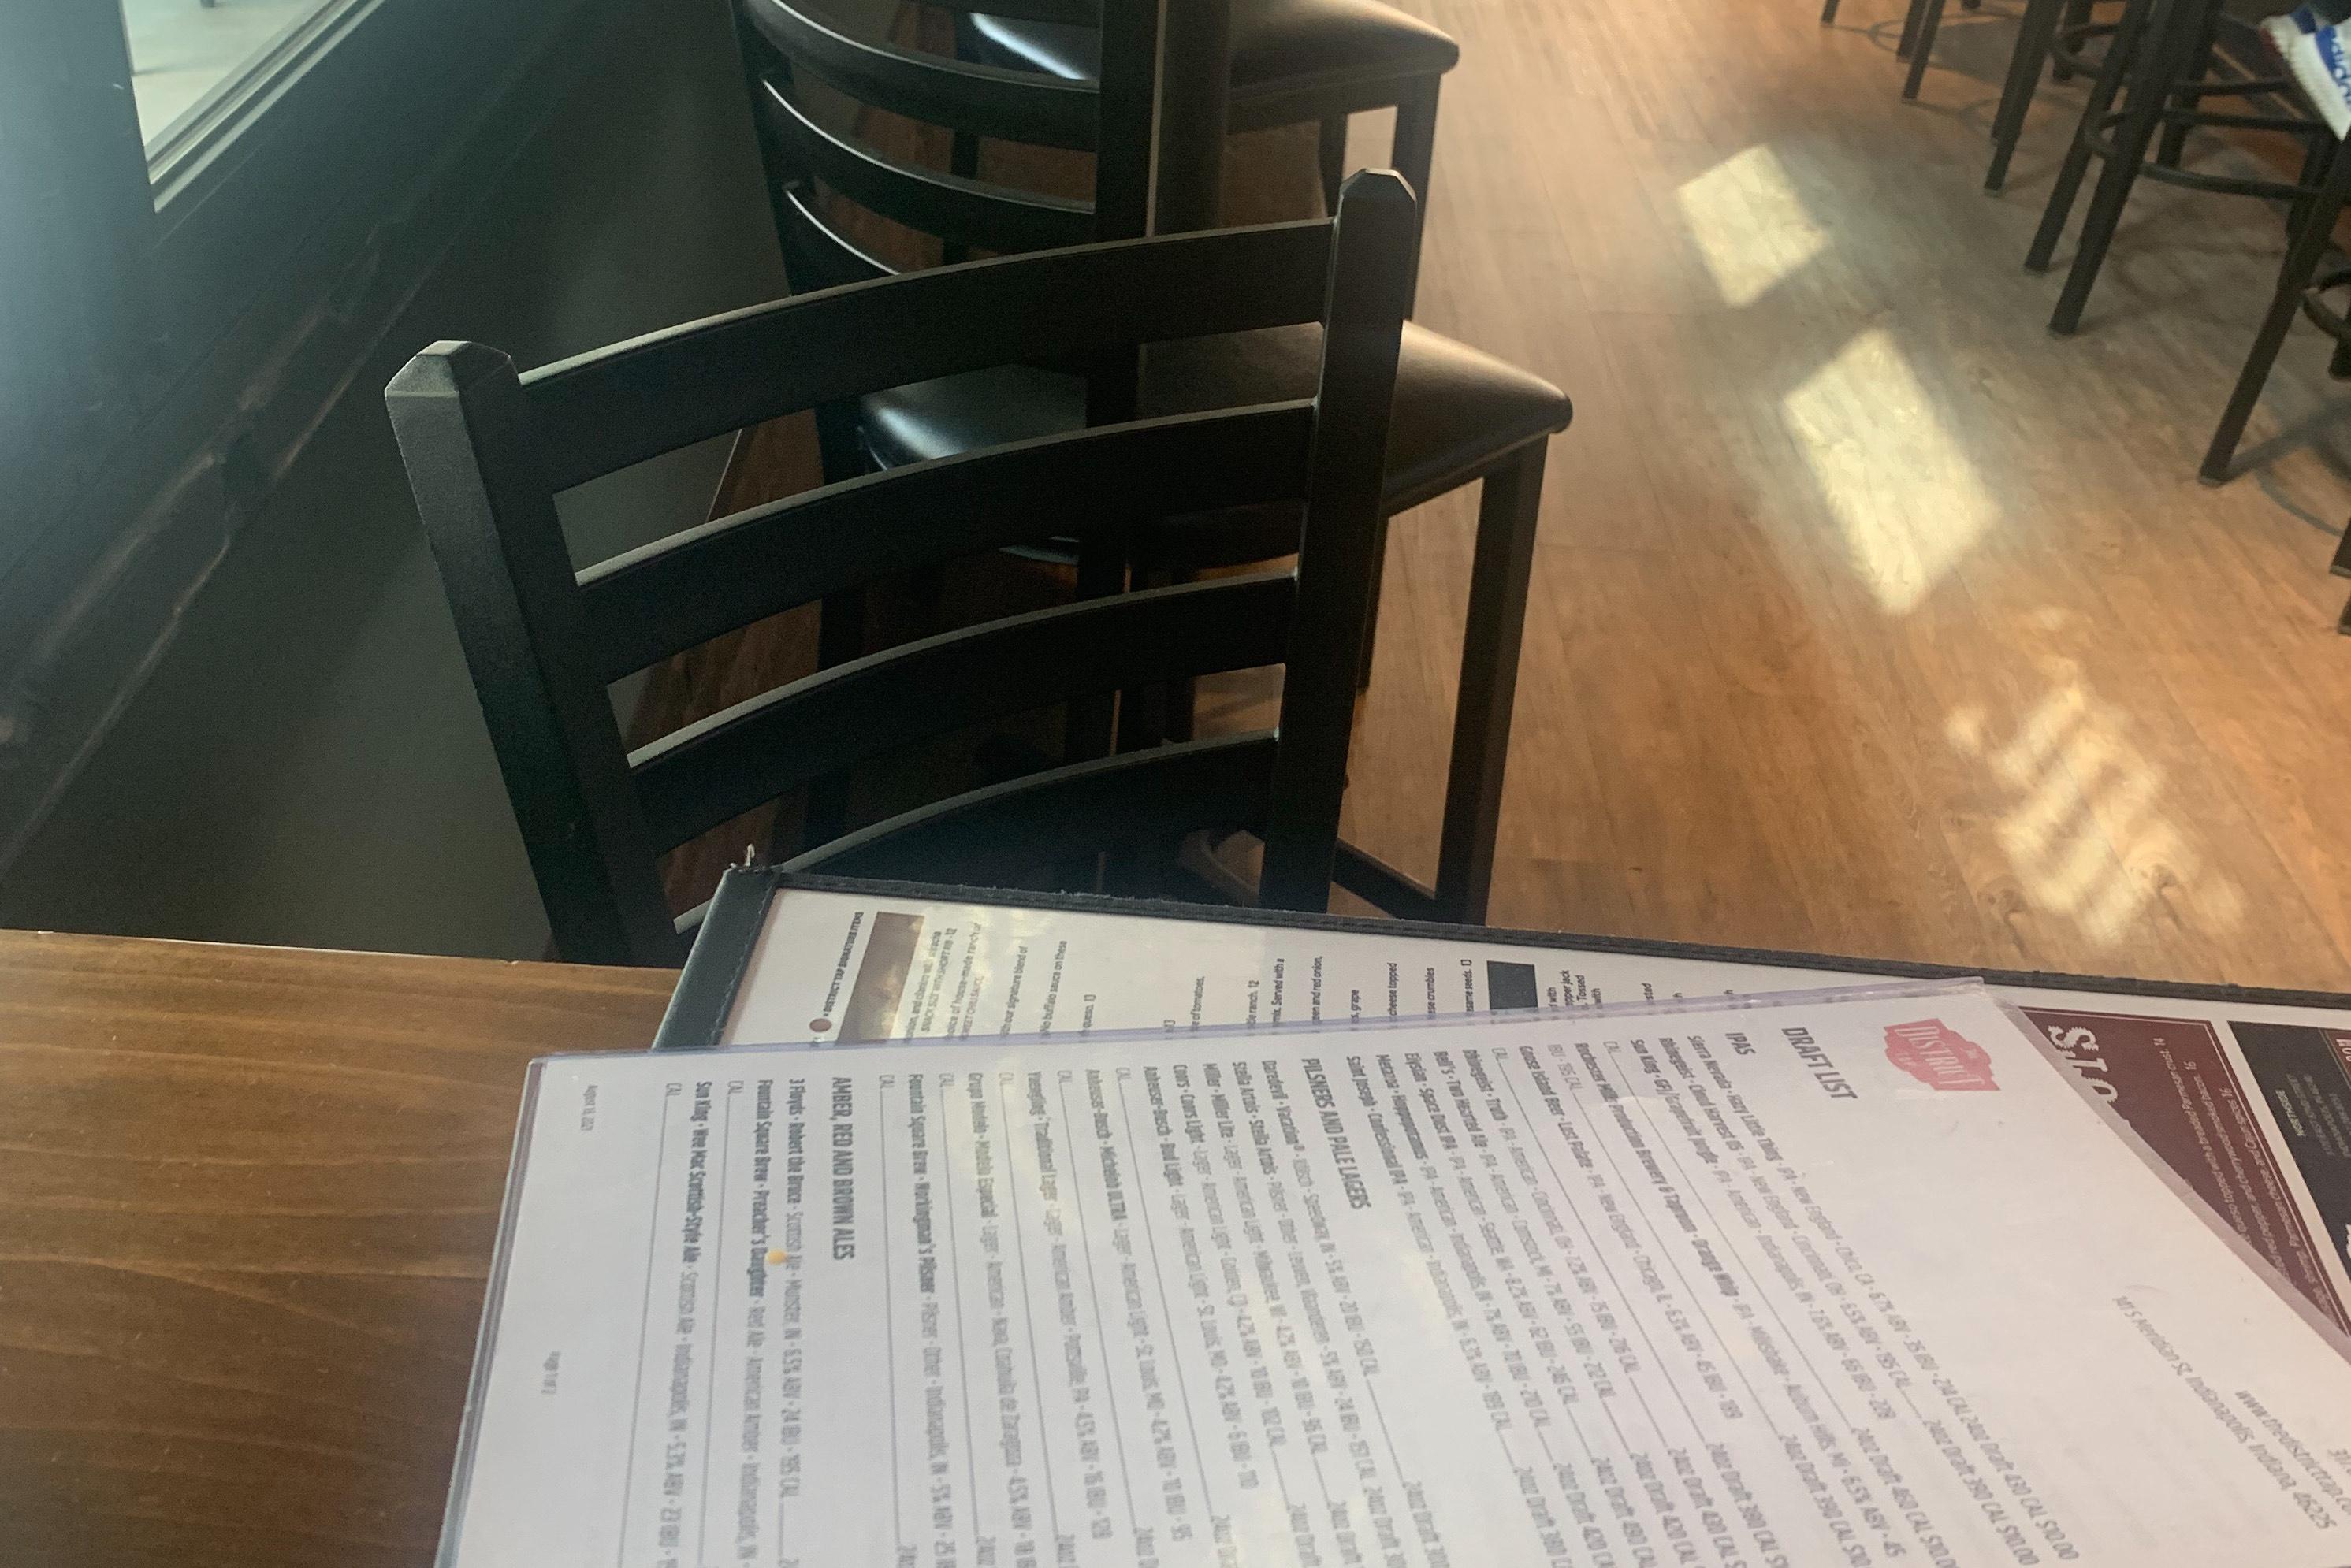 Devour's Restaurant List Is Out!